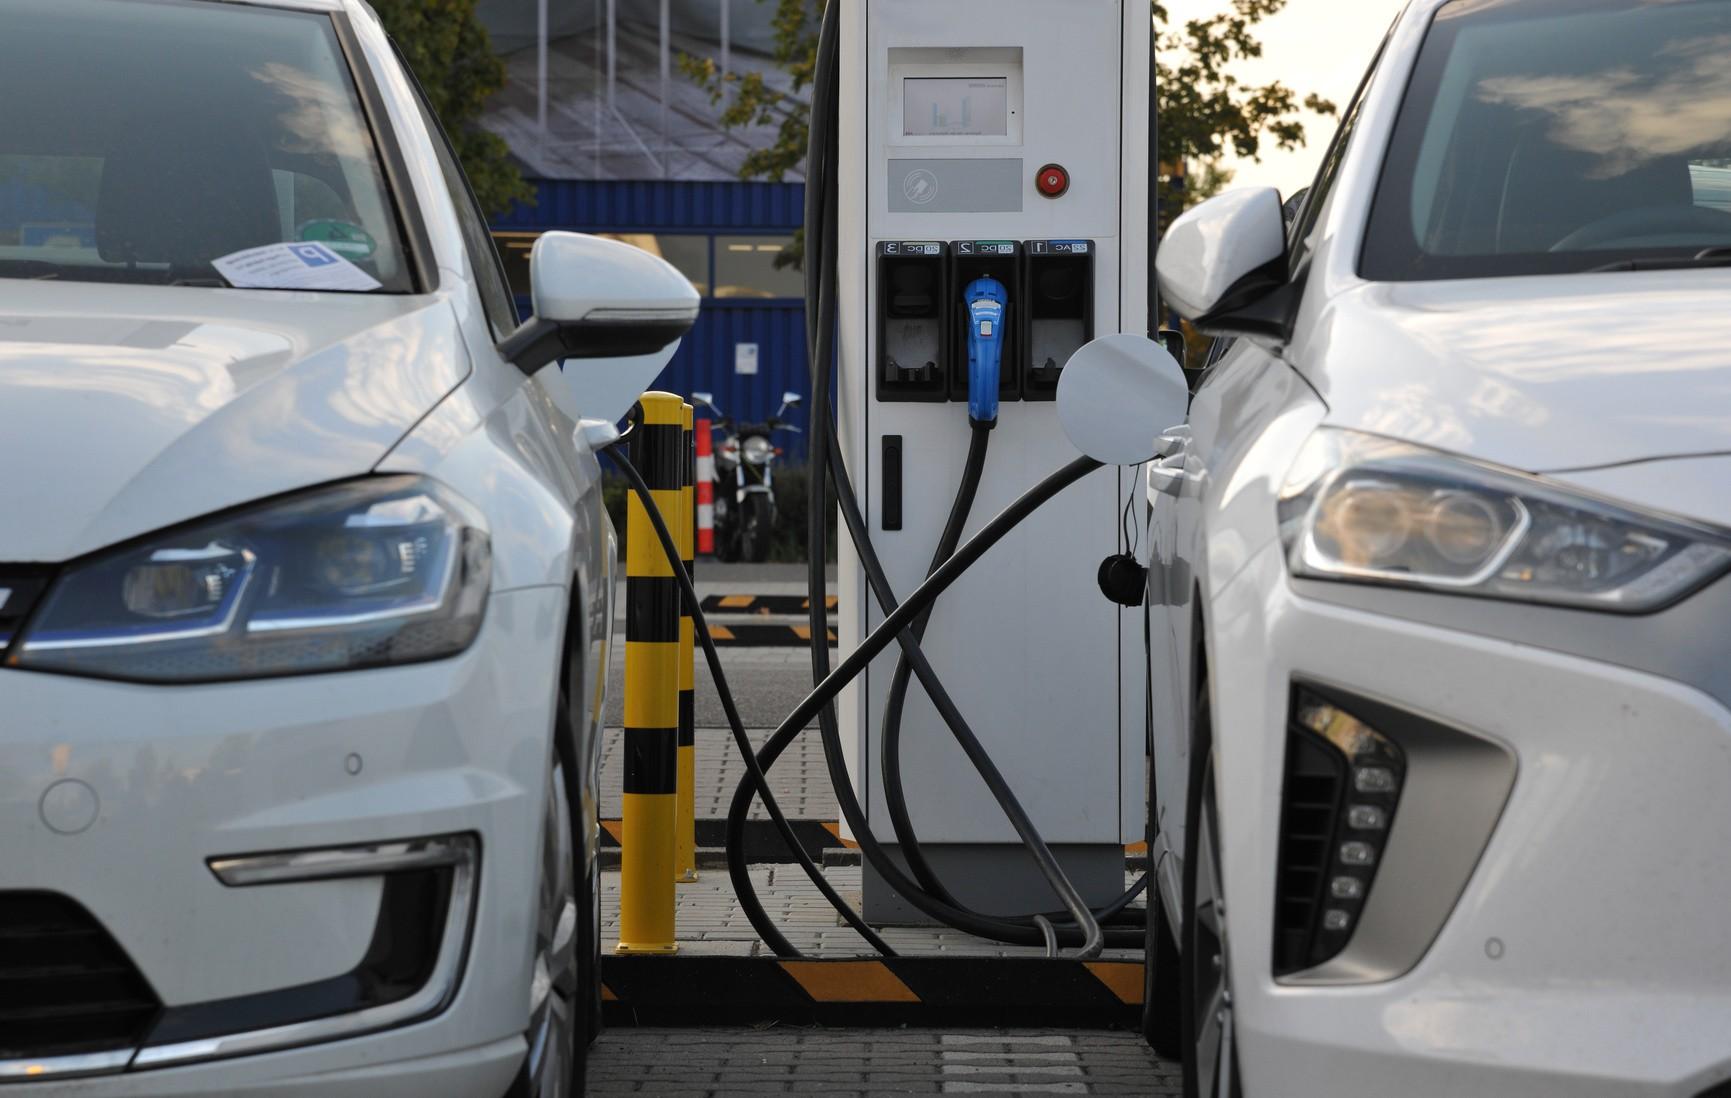 Elektroauto vs. Wasserstoffauto: Ein Vergleich in 4 großen Fragen